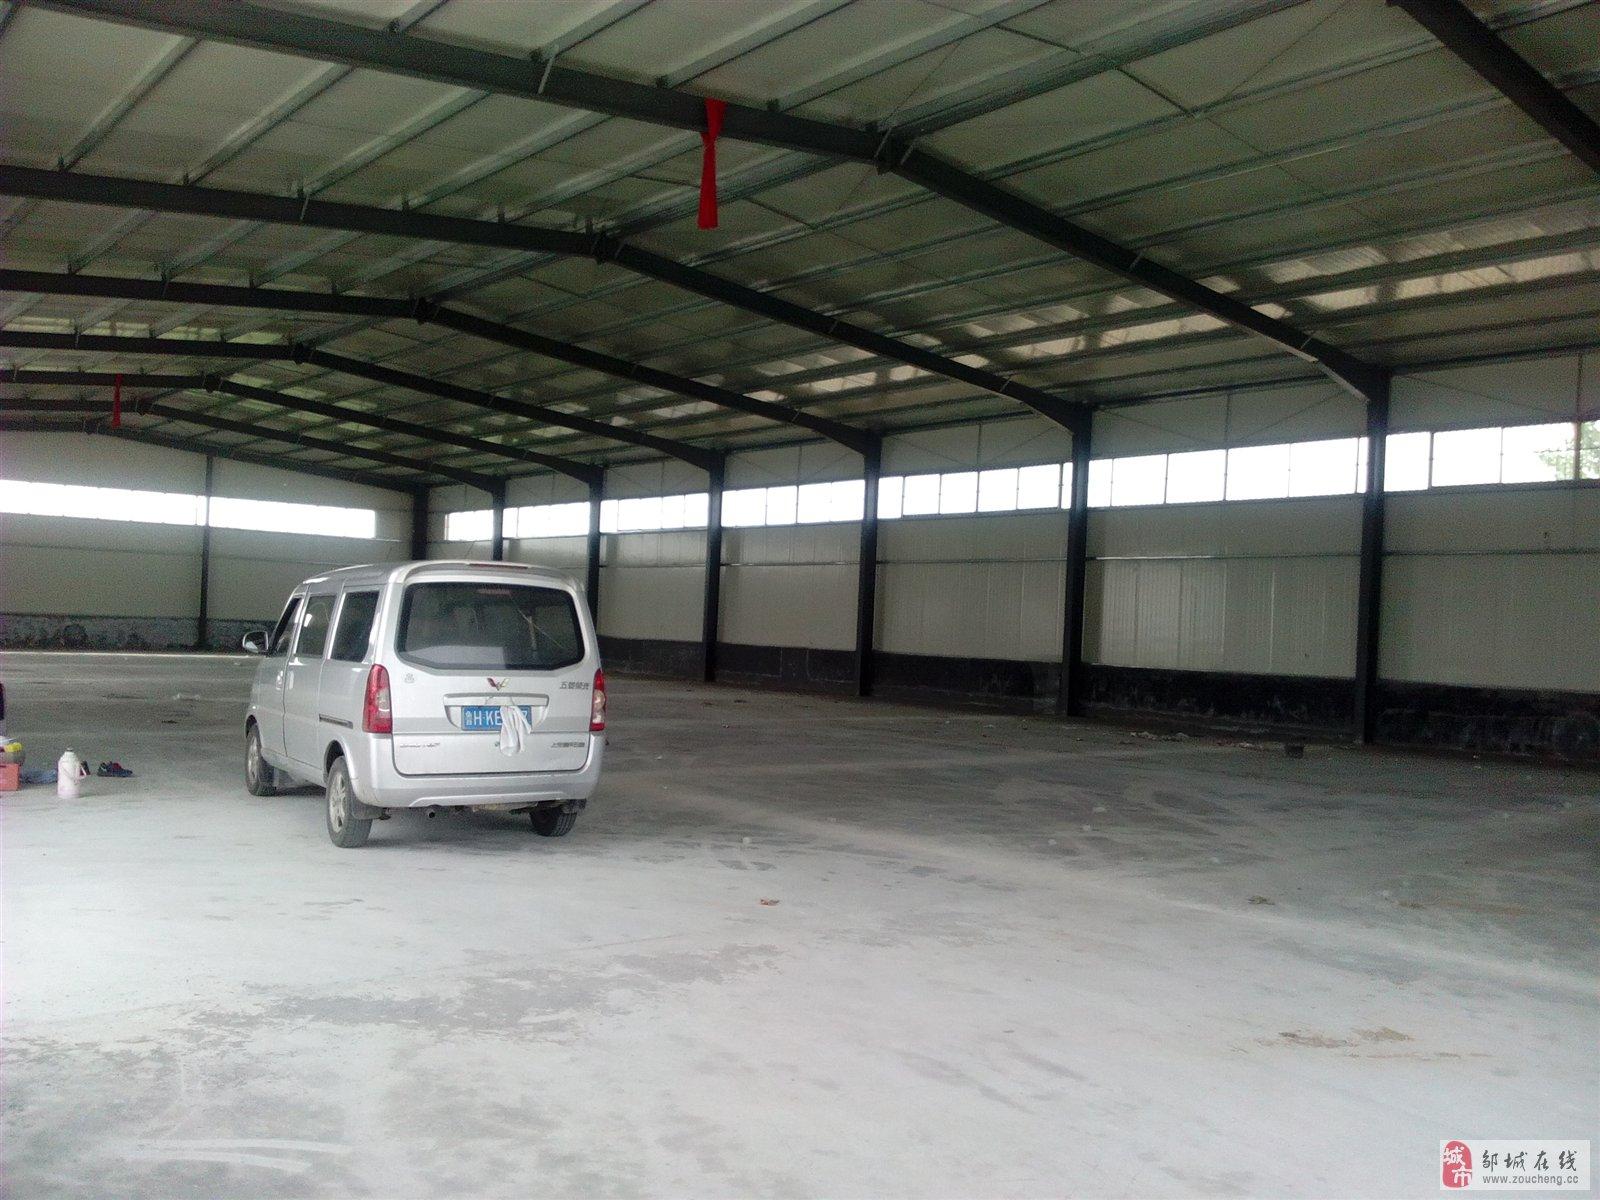 7米,宽5米,可进大车,三相电,电动门,水井,办公室,24小时监控,宽带